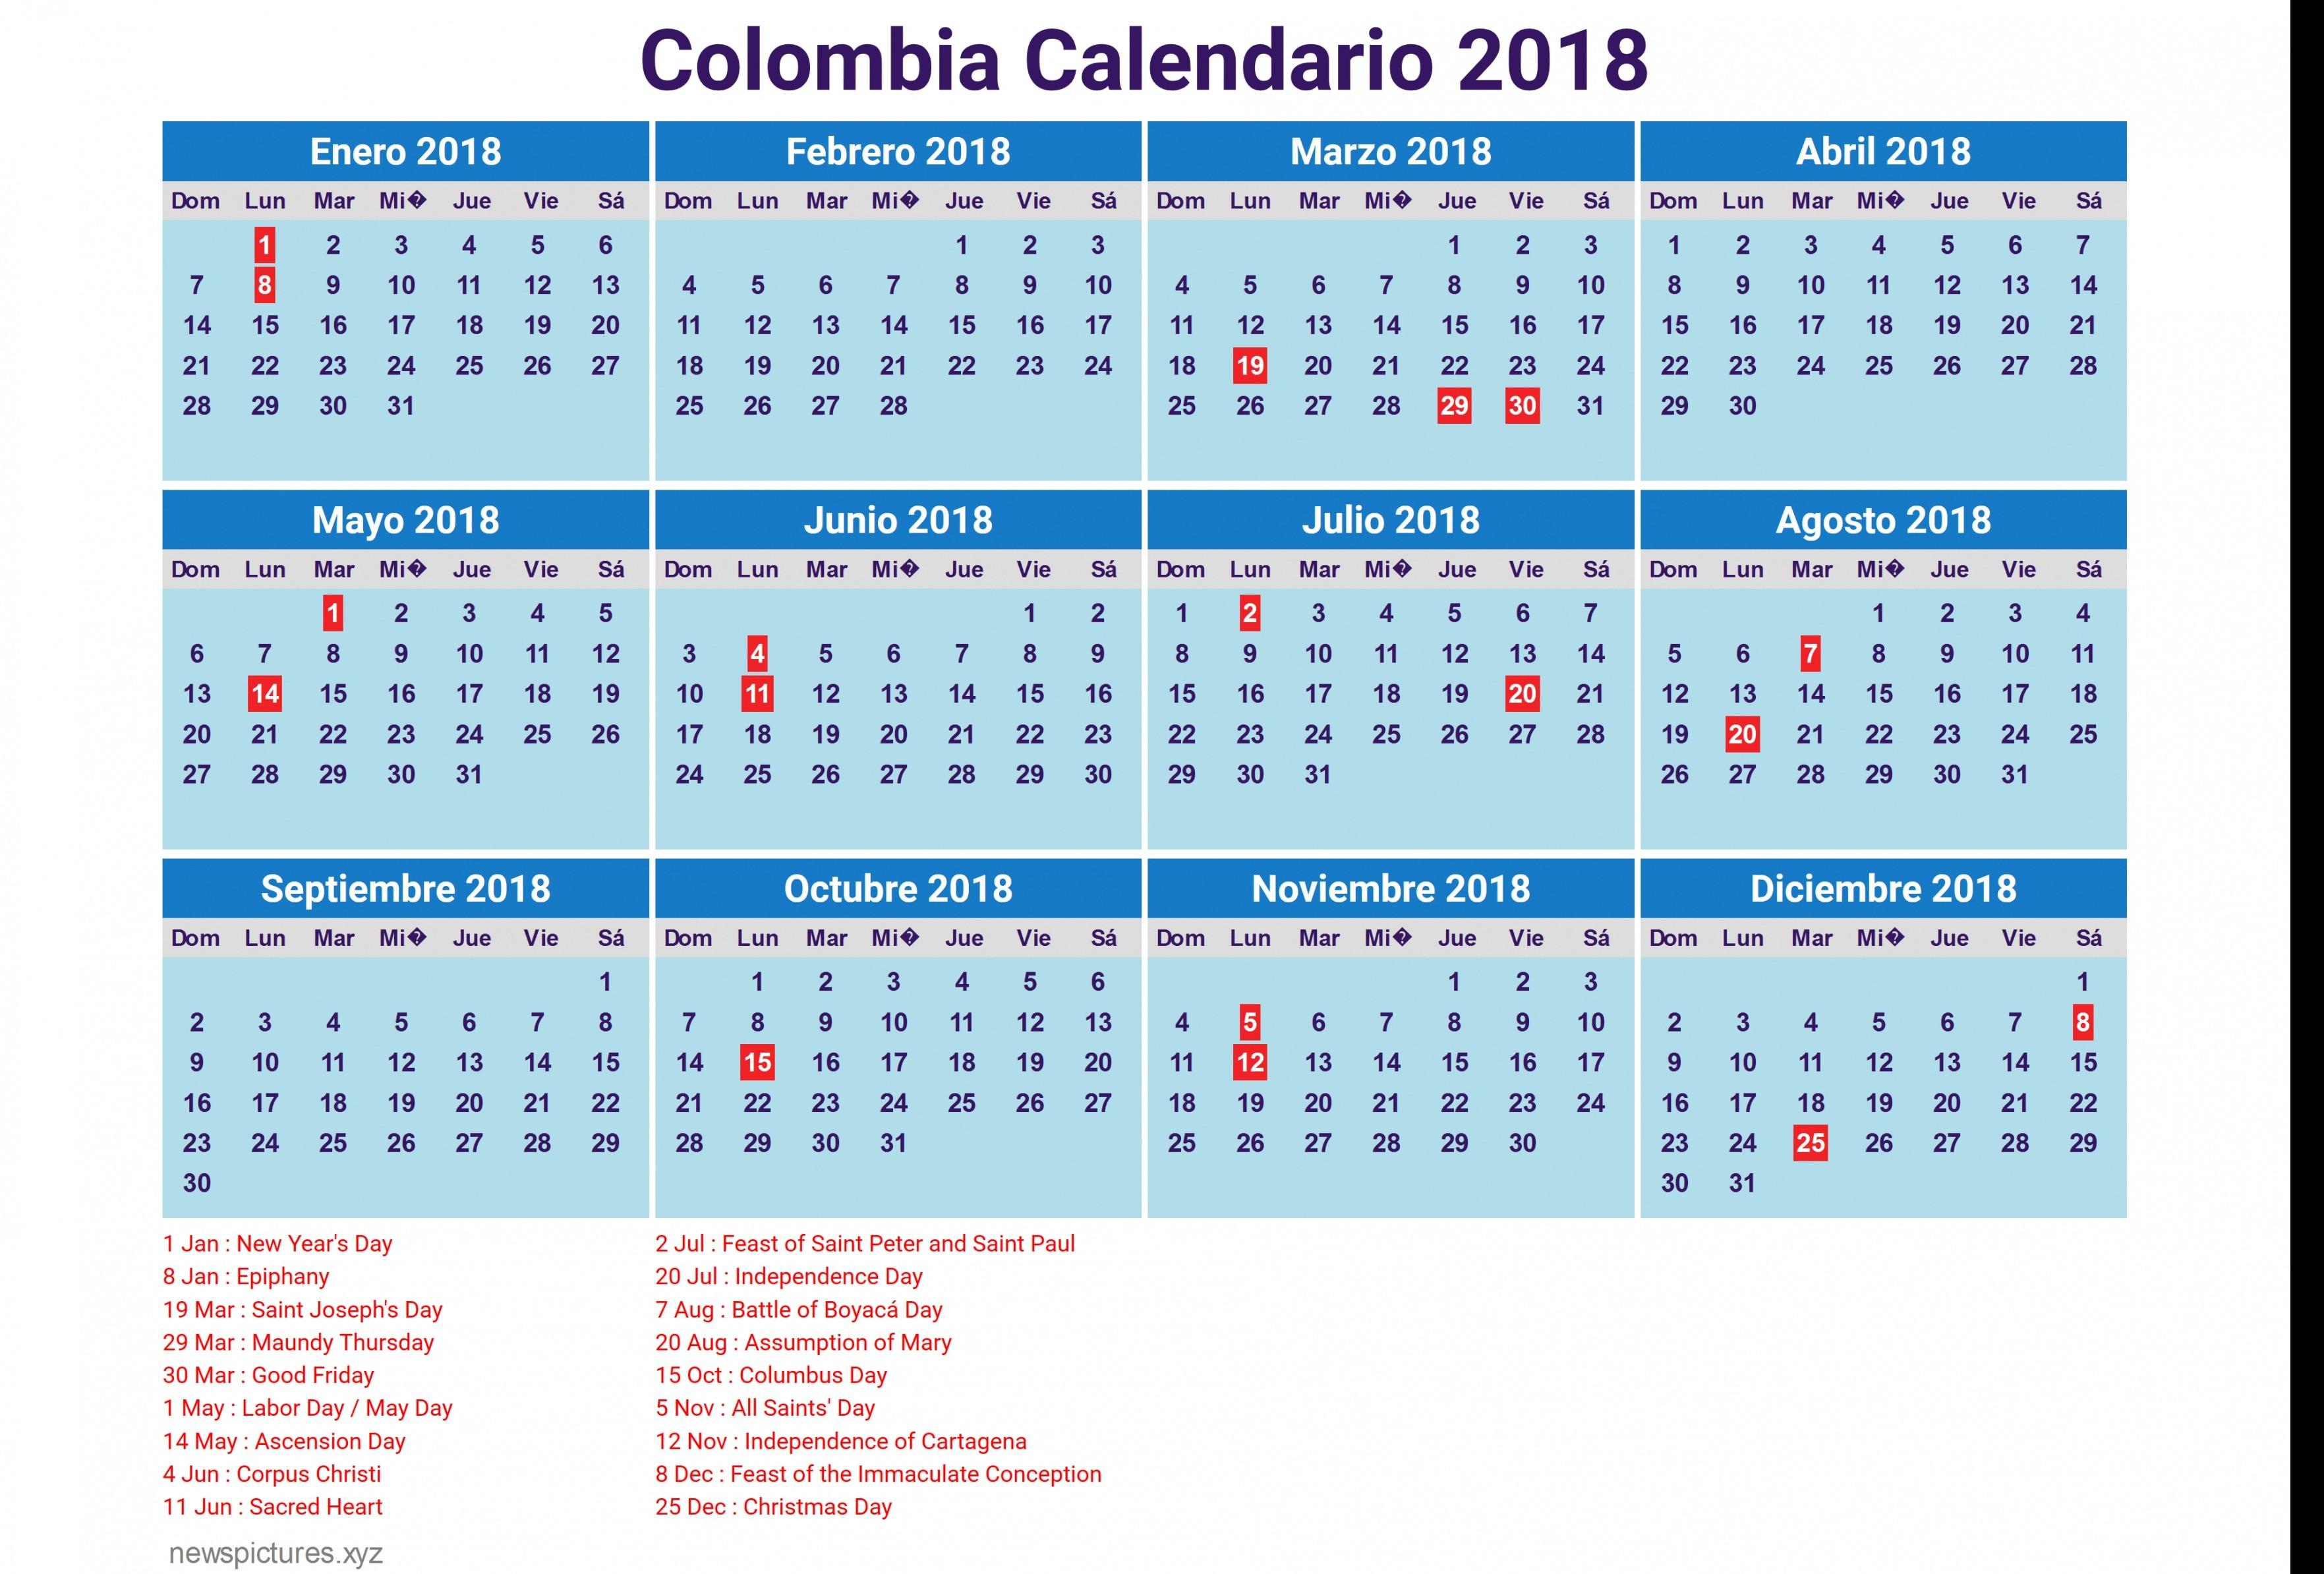 Calendario 2019 Enero Febrero Más Recientemente Liberado Calendario 2018 Con Festivos — Fiesta De Lamusica Medellin Of Calendario 2019 Enero Febrero Recientes March 20 2019 Tamil Calendar